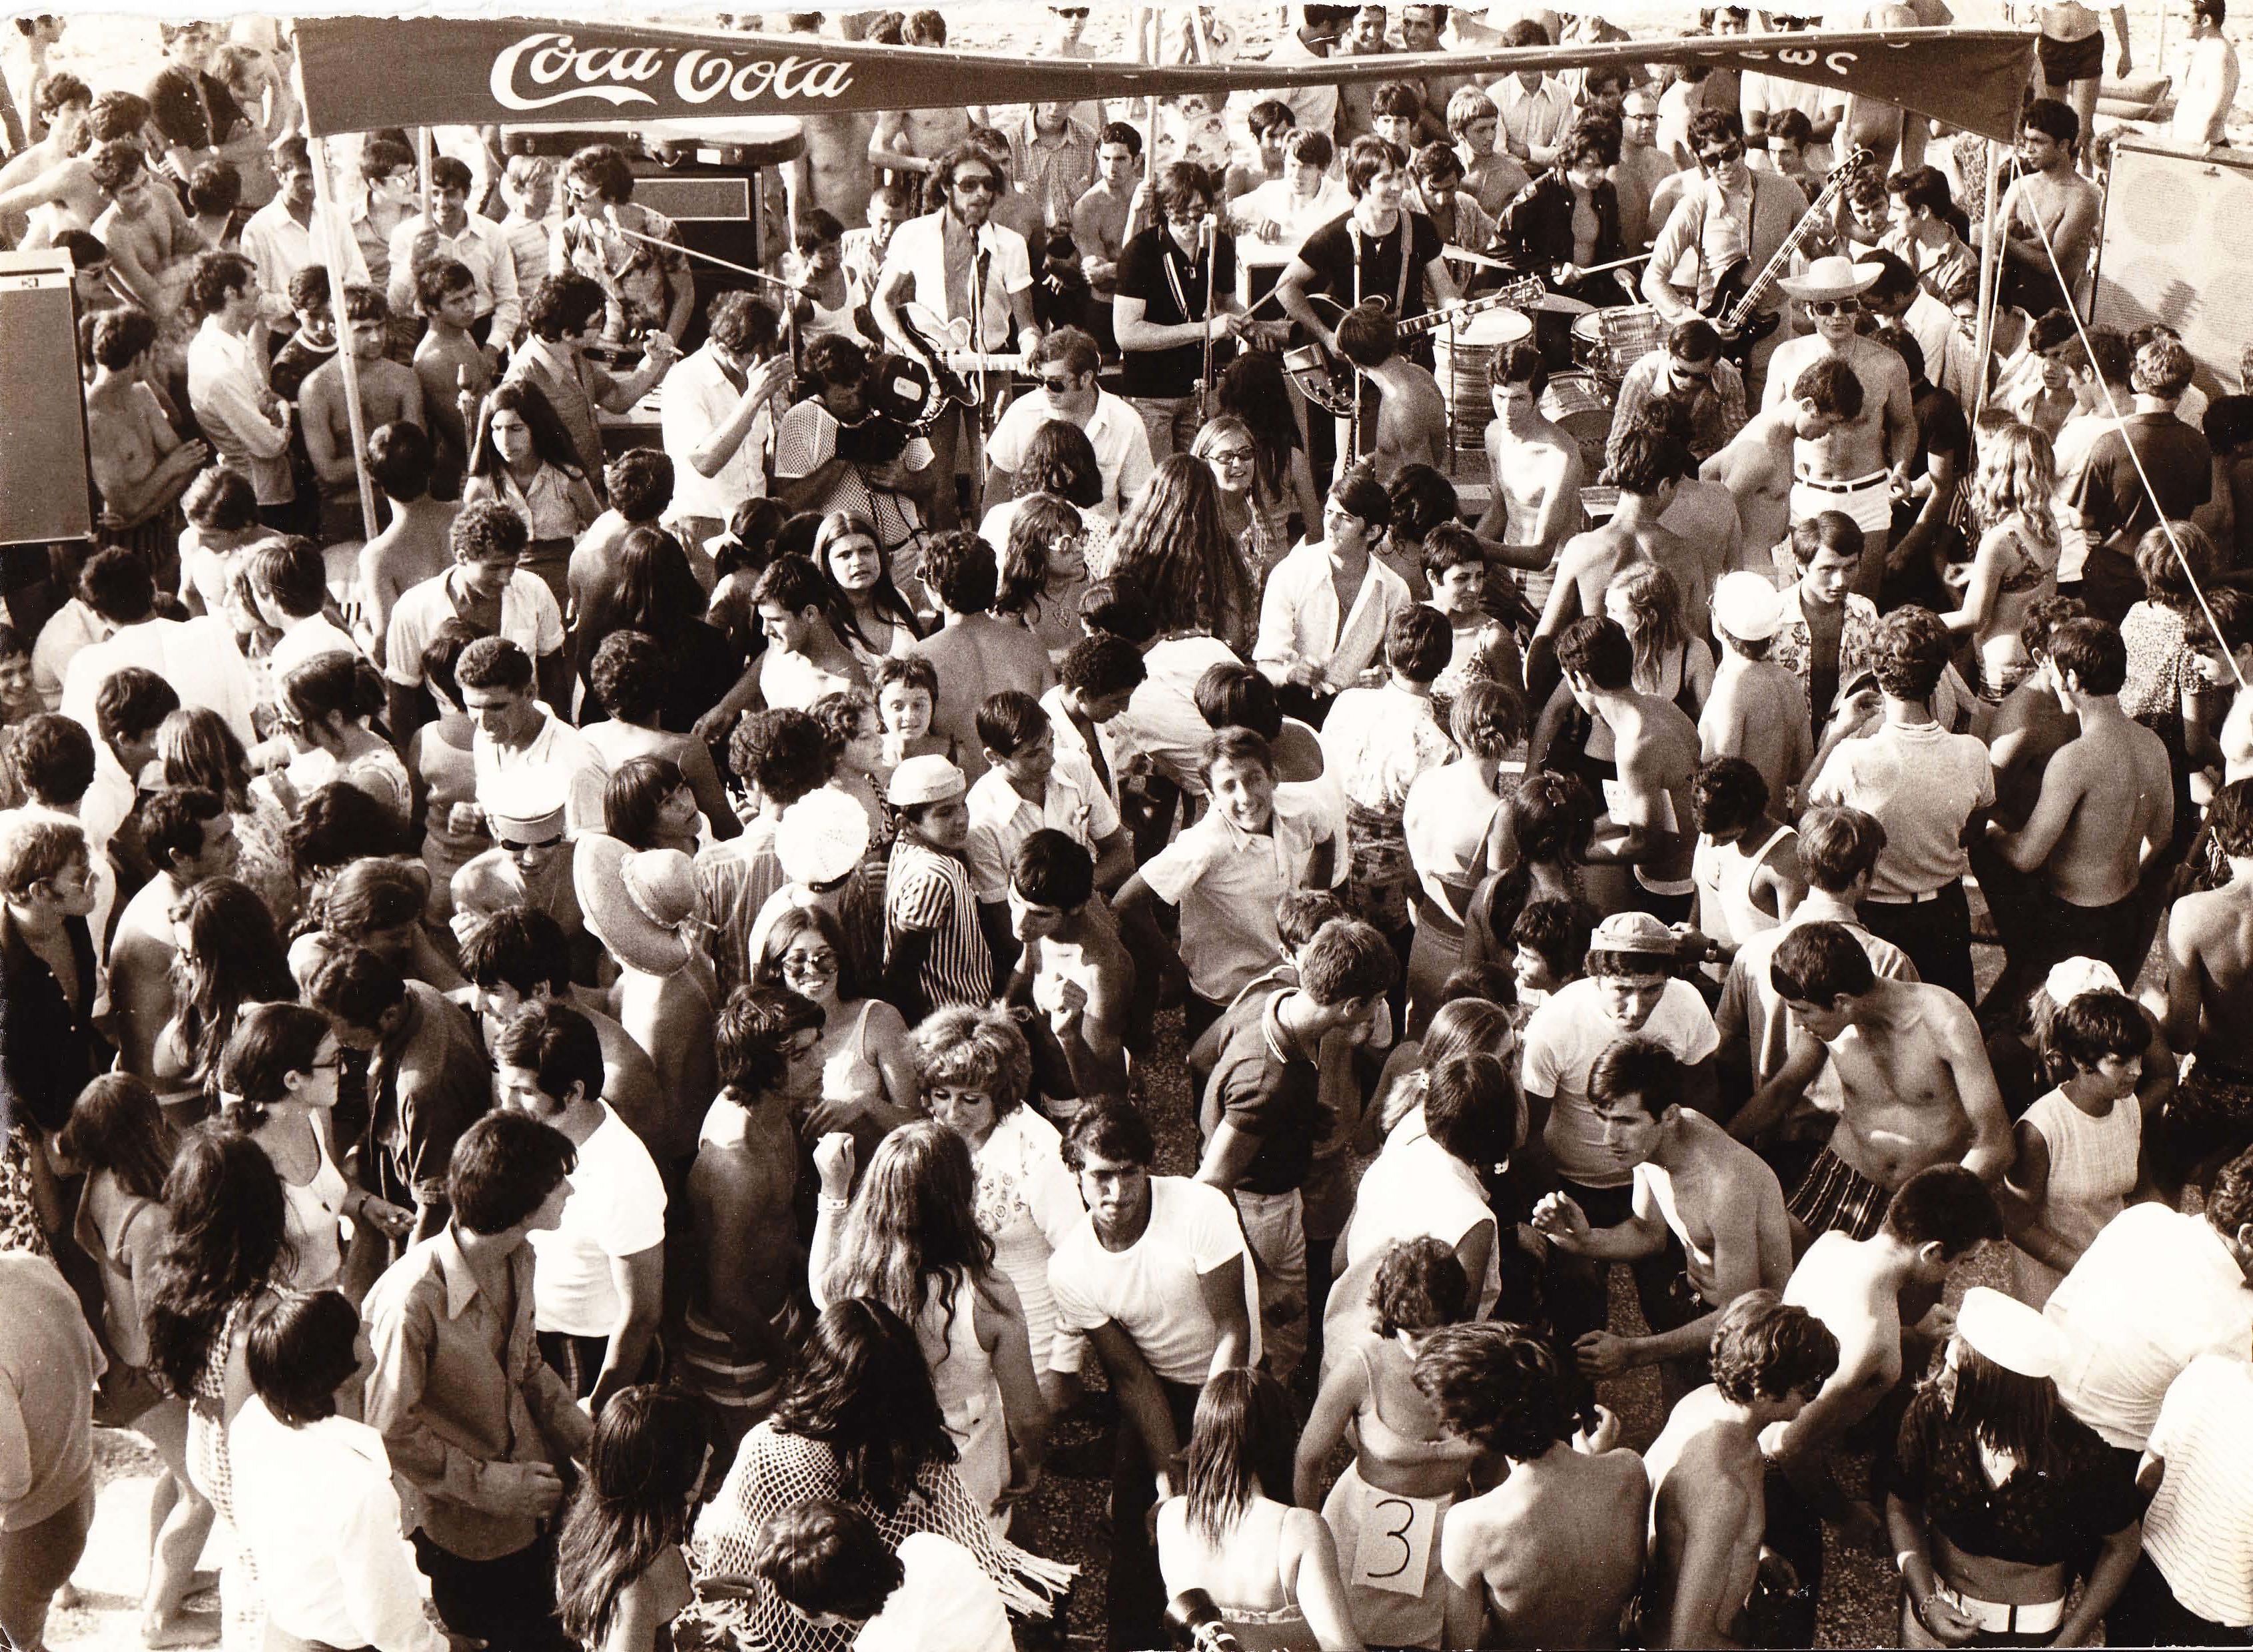 Beach party γιεγιέδων. Φωτογραφία έτους 1967 (;), Αρχείο Γιάννη Νέγρη.